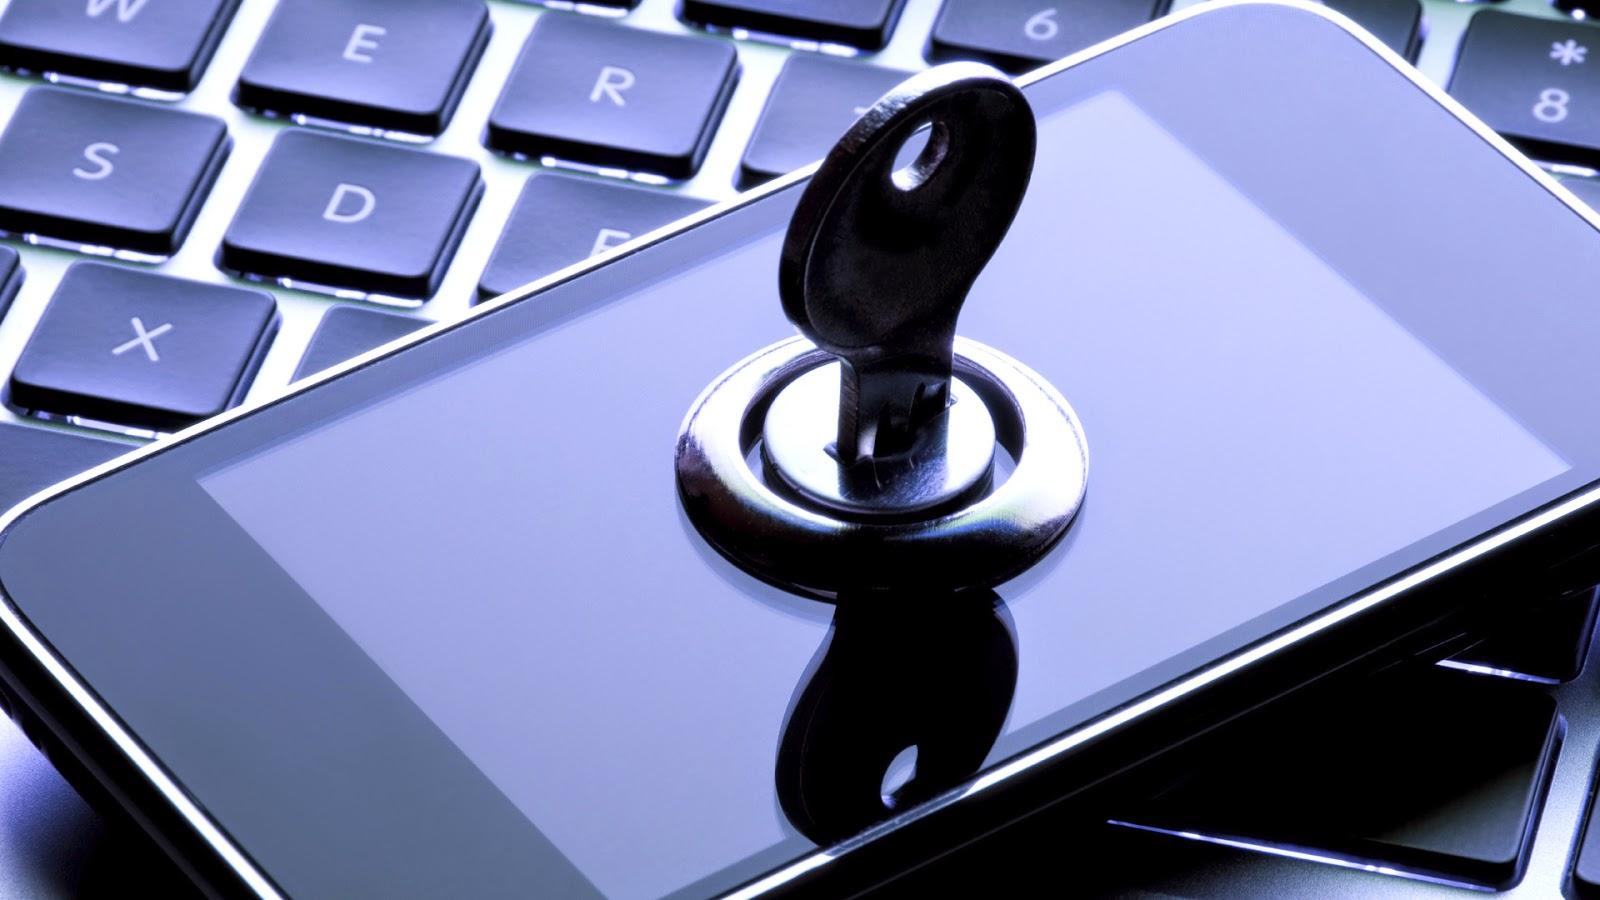 أمريكا ستمنع الشركات من إنتاج هواتف ذكية مشفرة و غير قابلة للاختراق !